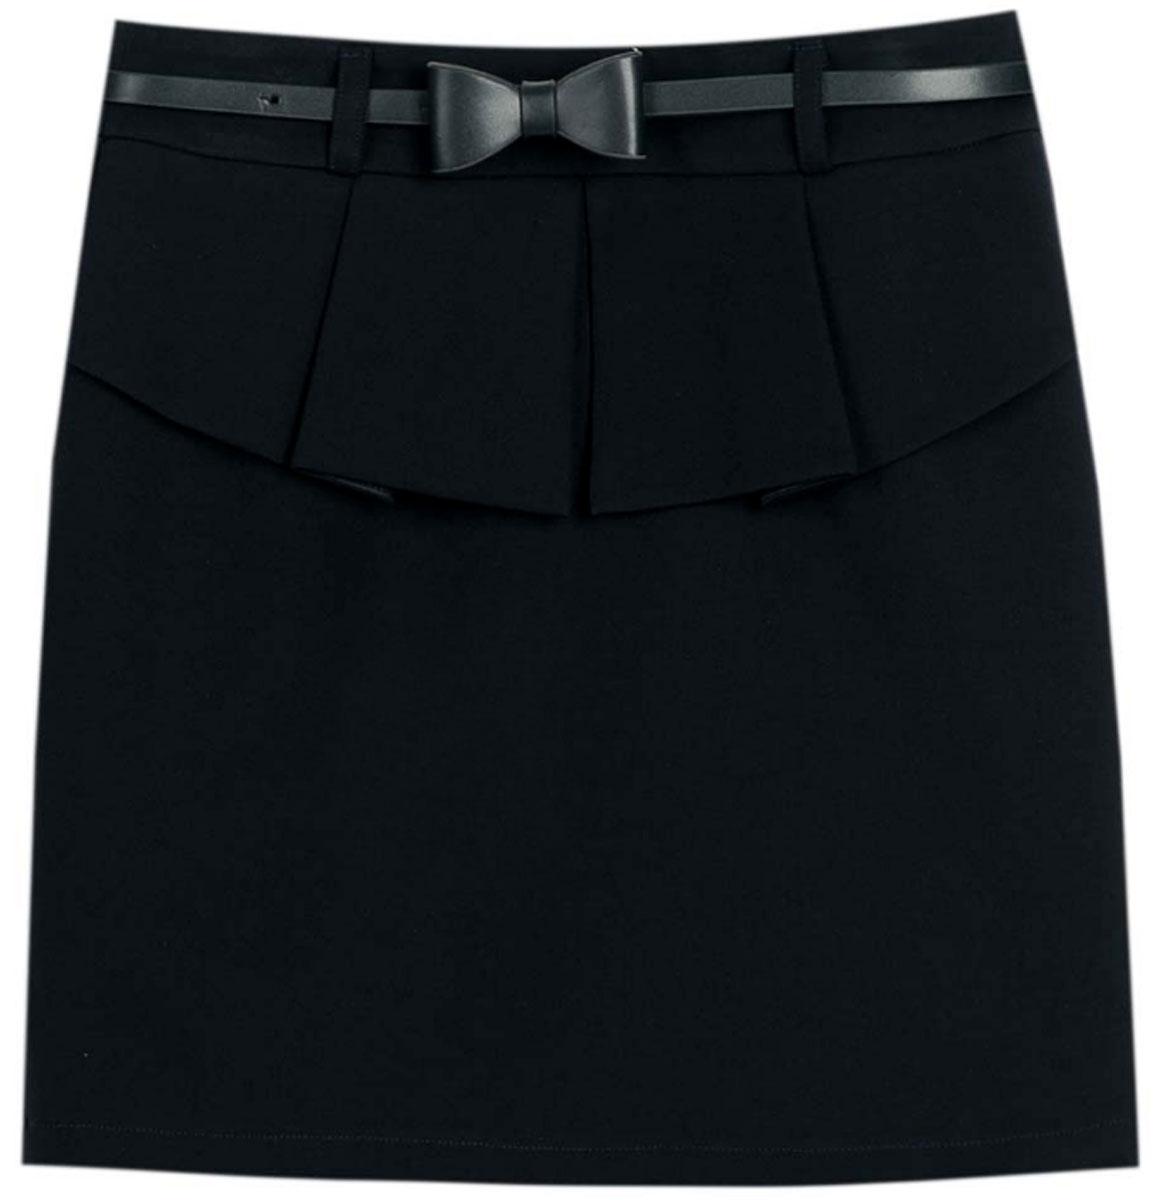 Юбка для девочек Vitacci, цвет: черный. 2173050-03. Размер 1462173050-03Классическая школьная блузка для девочки